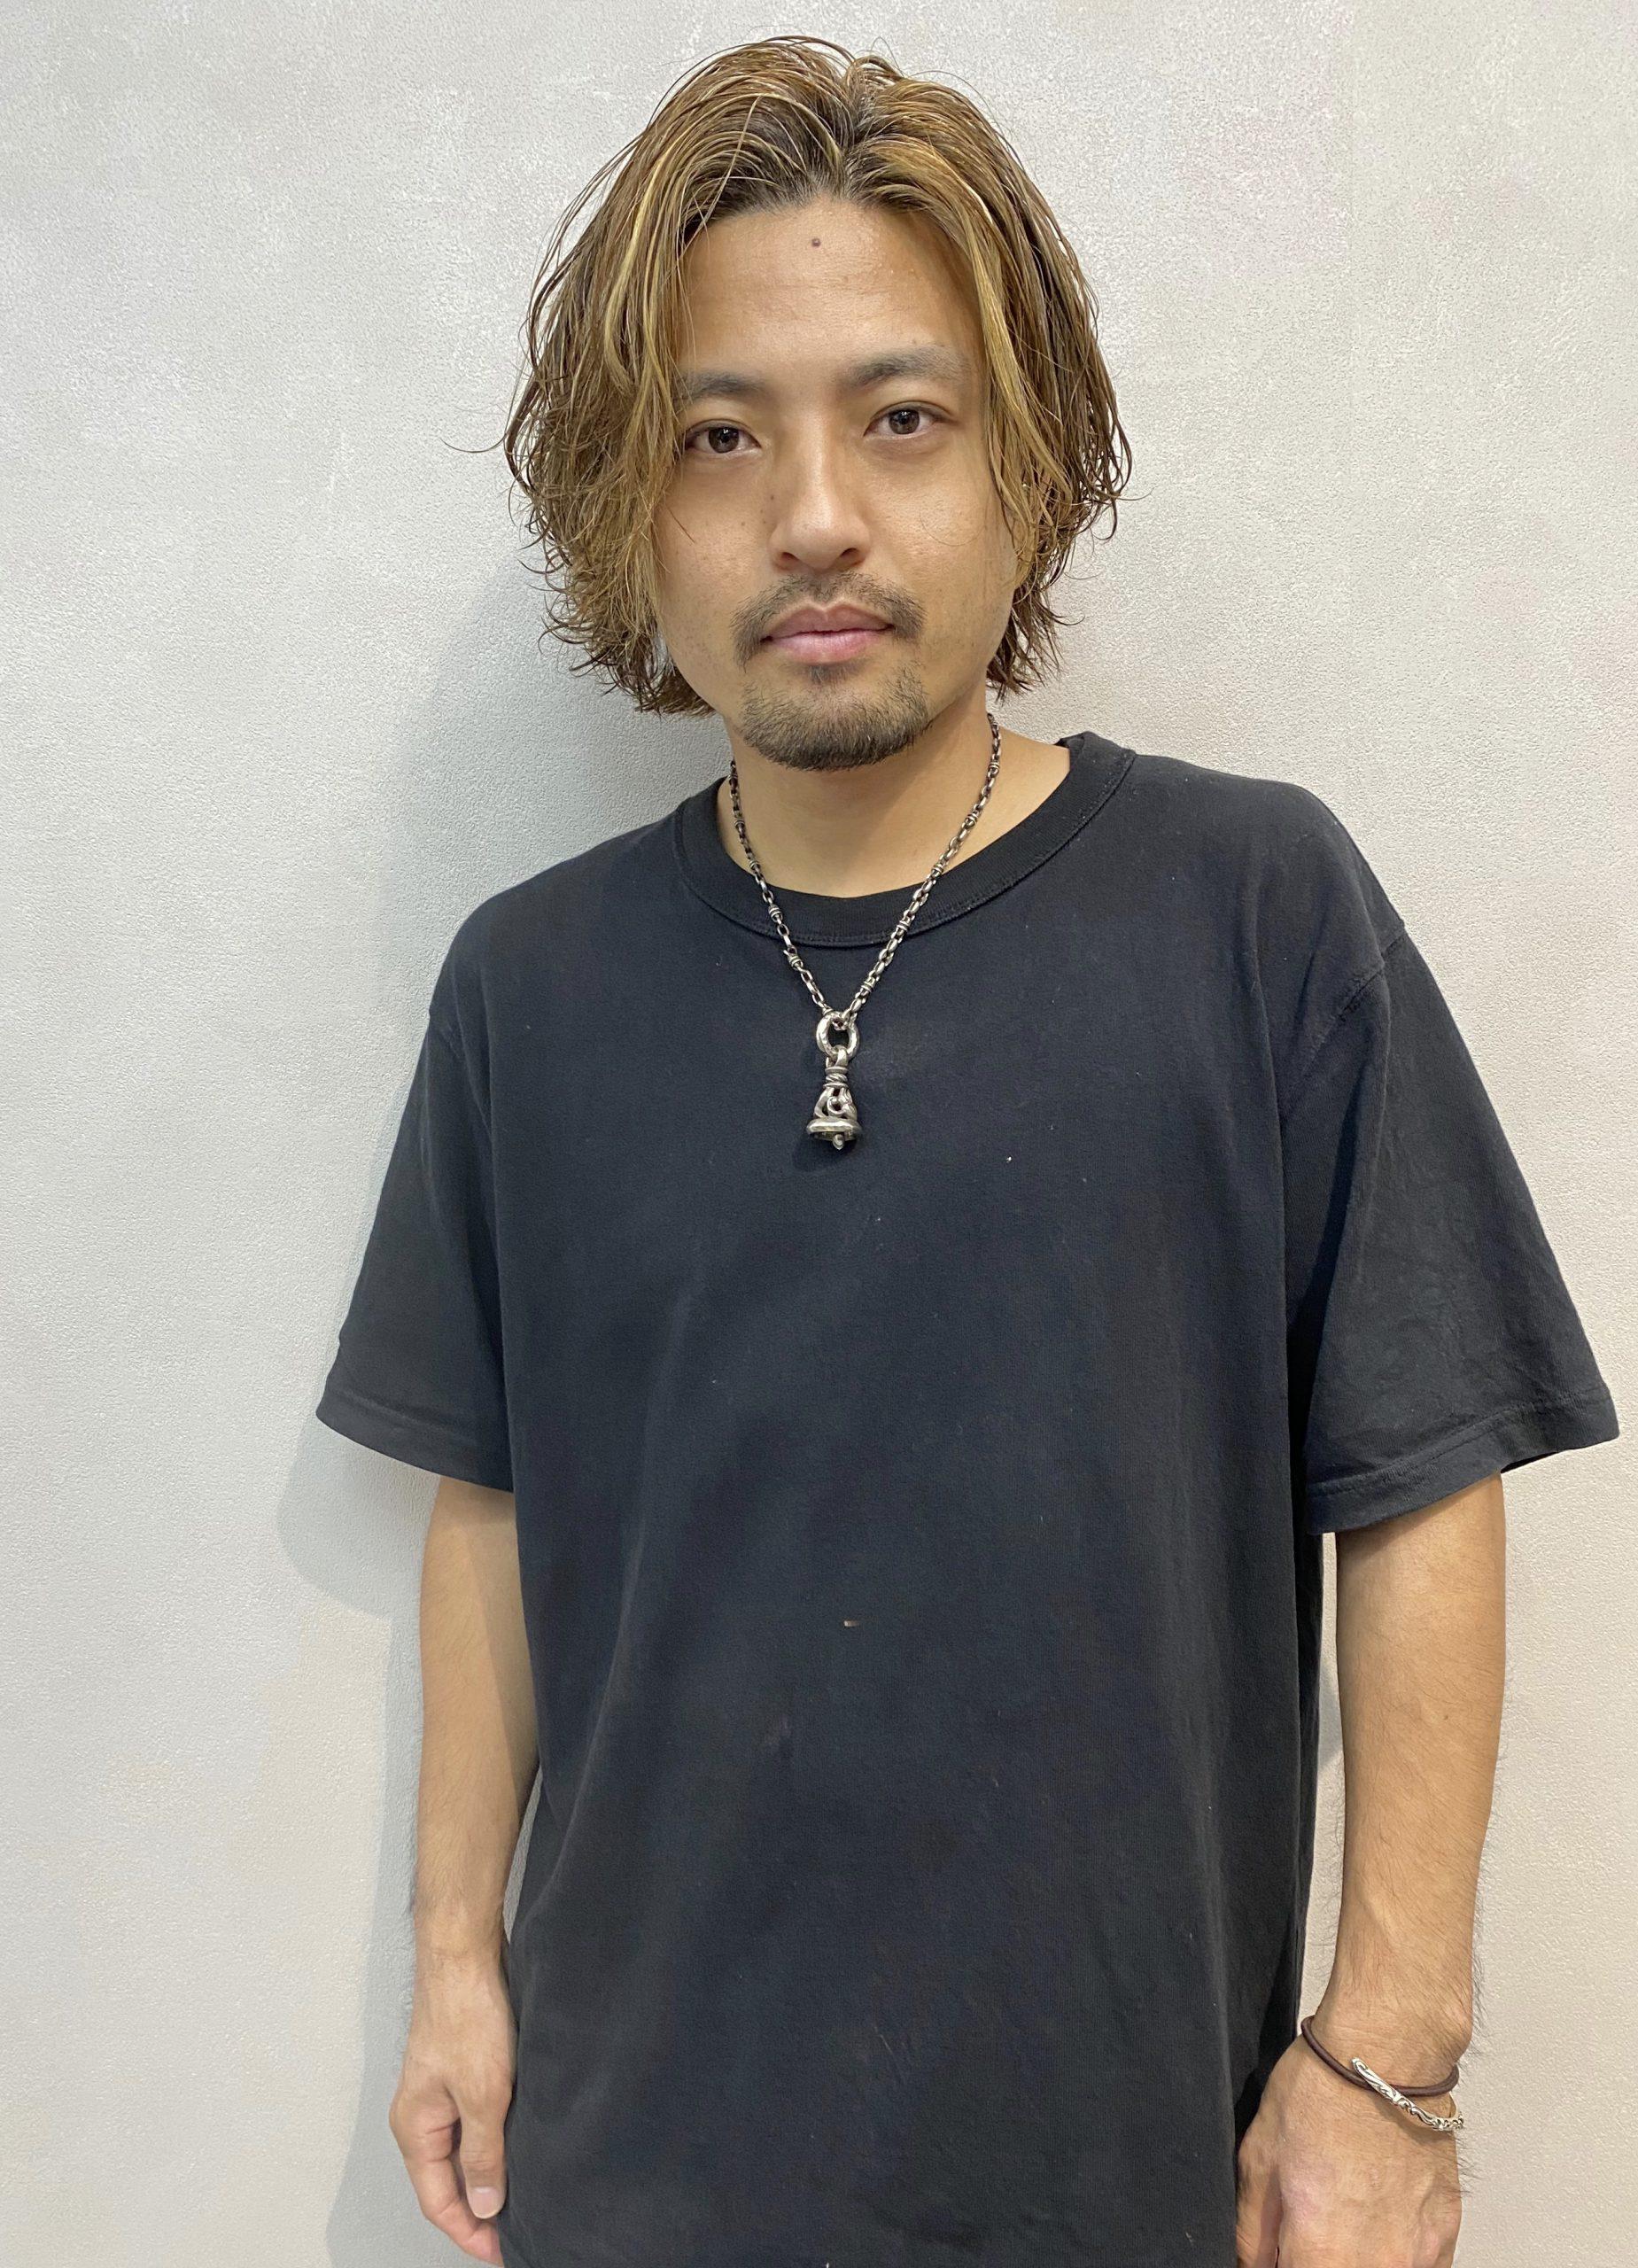 Atsushi Takenaga